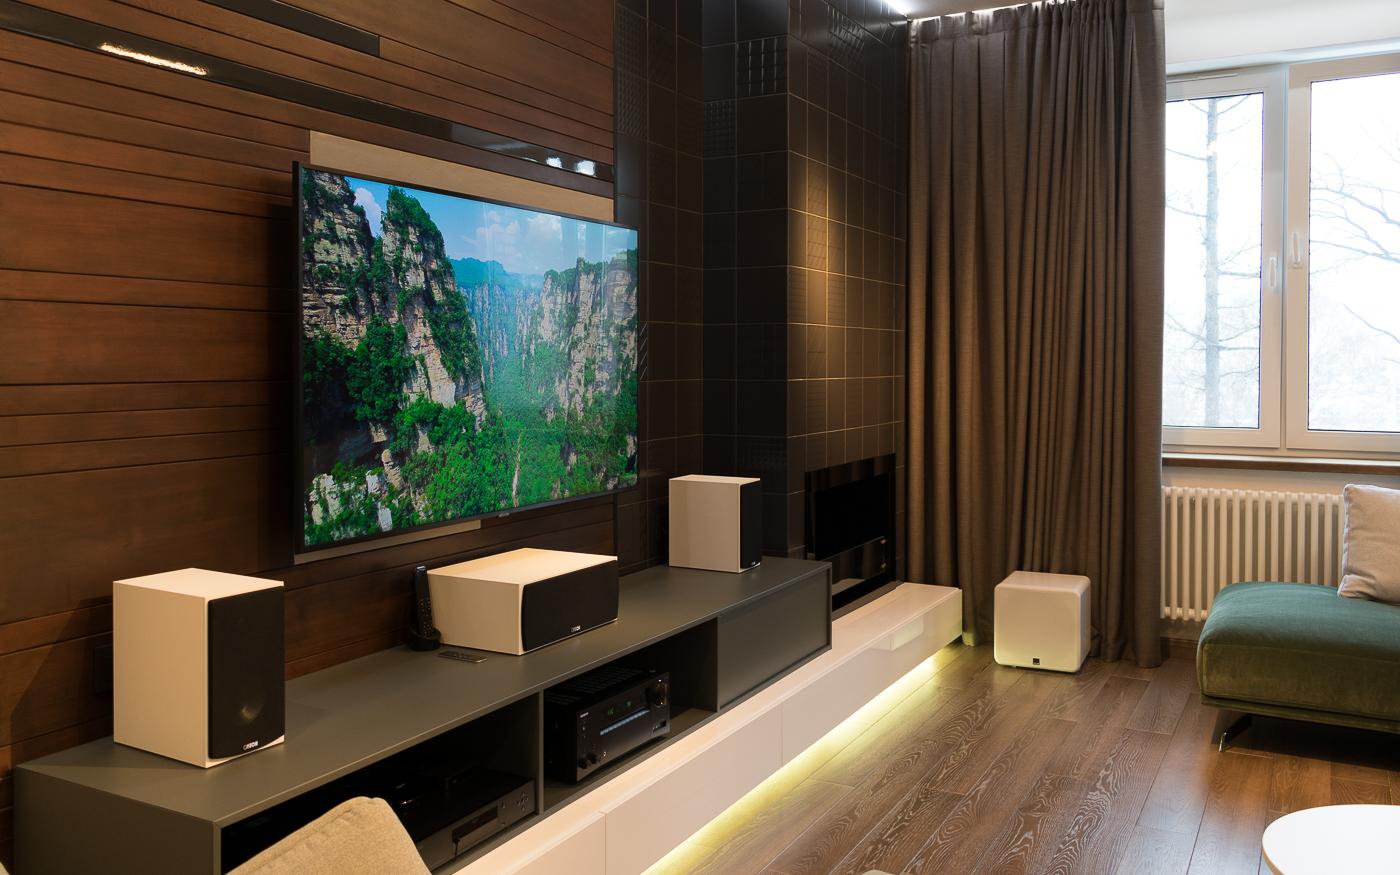 Домашний кинотеатр в гостиной: Canton, Samsung, SVS, Onkyo